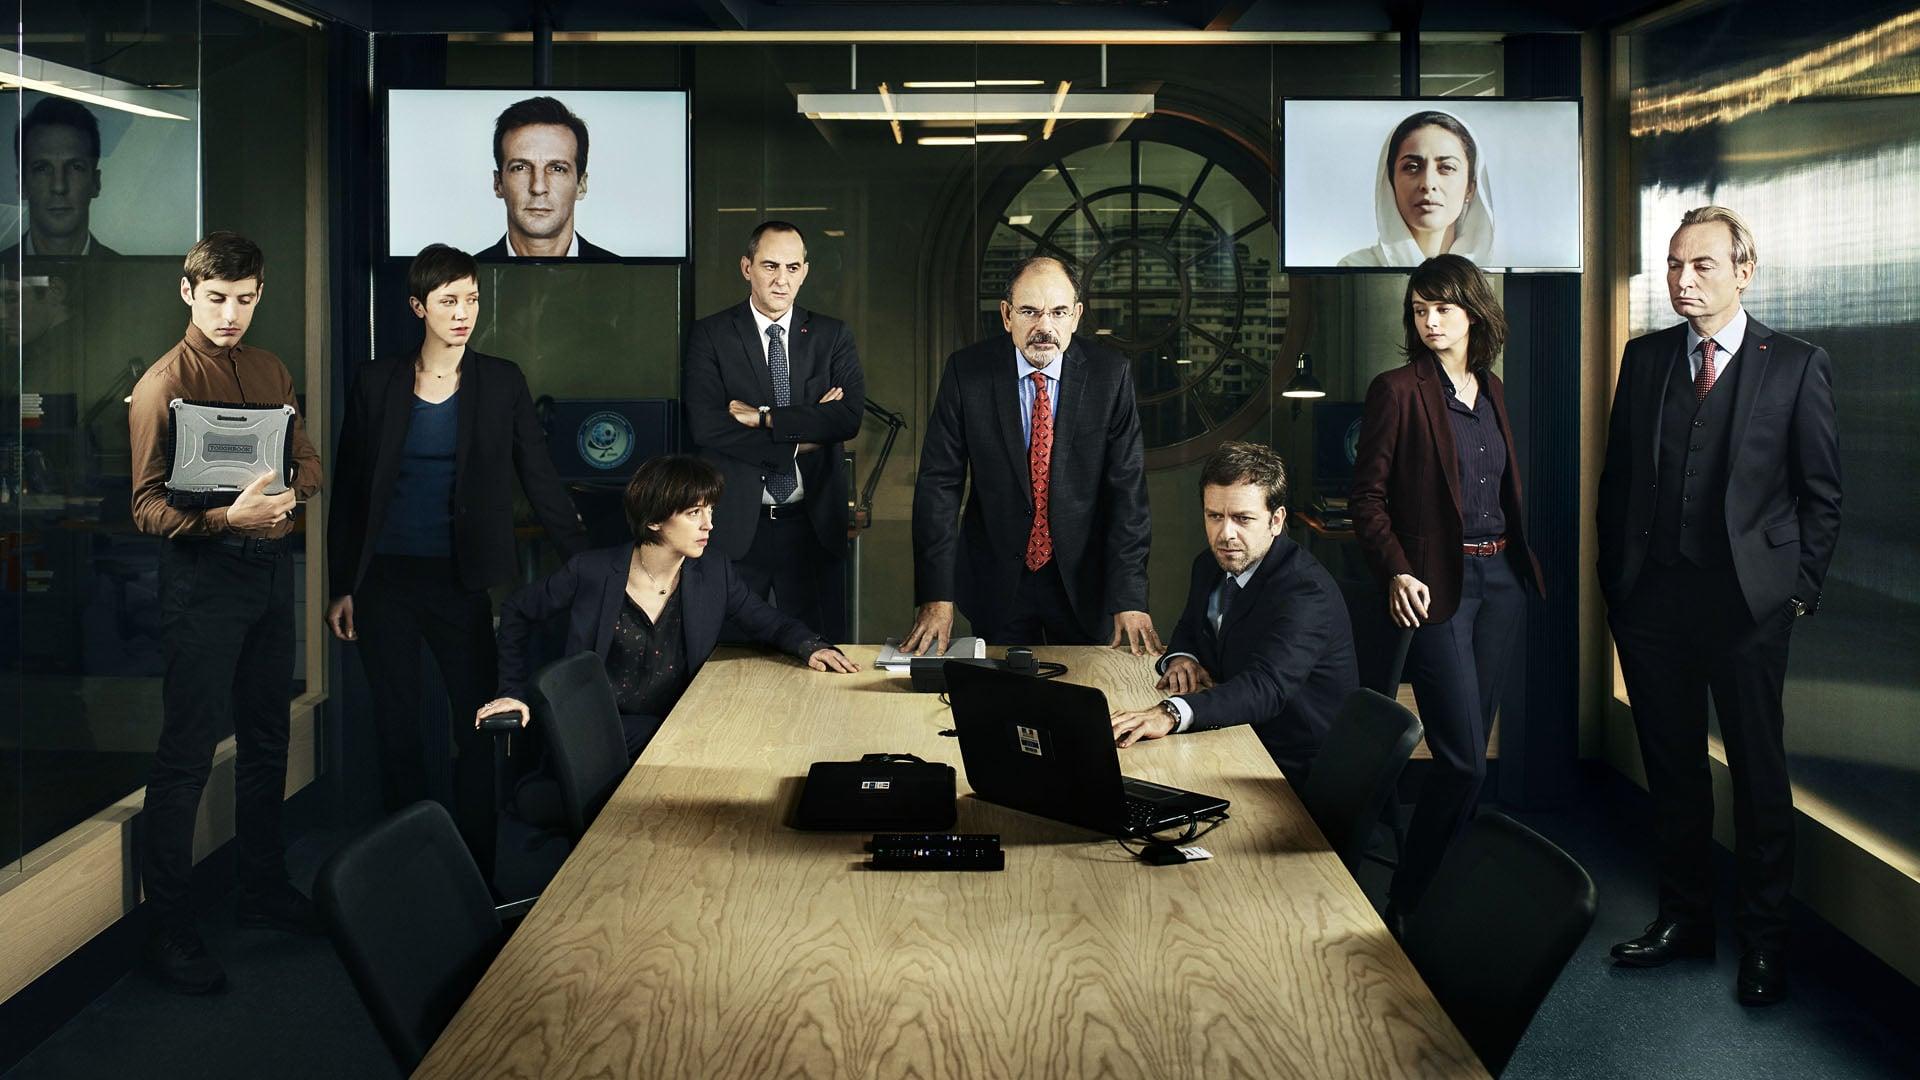 Bureau de legendes fresh le bureau des legendes tv fanart u appiar